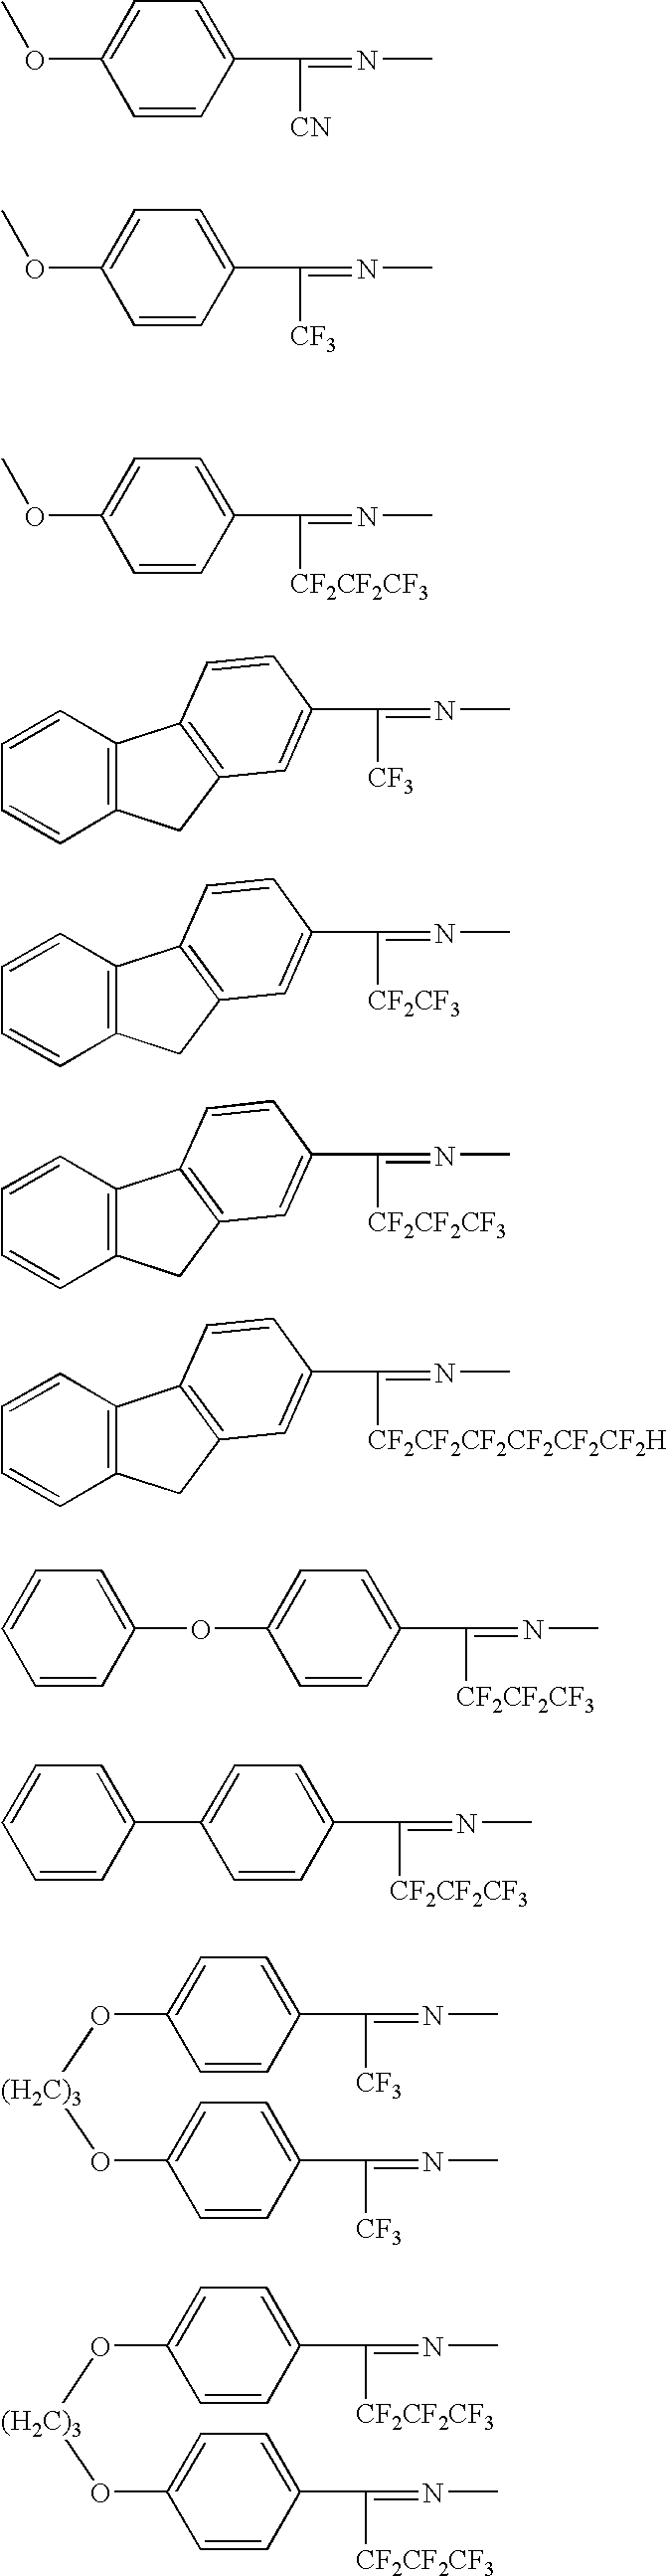 Figure US20080085469A1-20080410-C00012